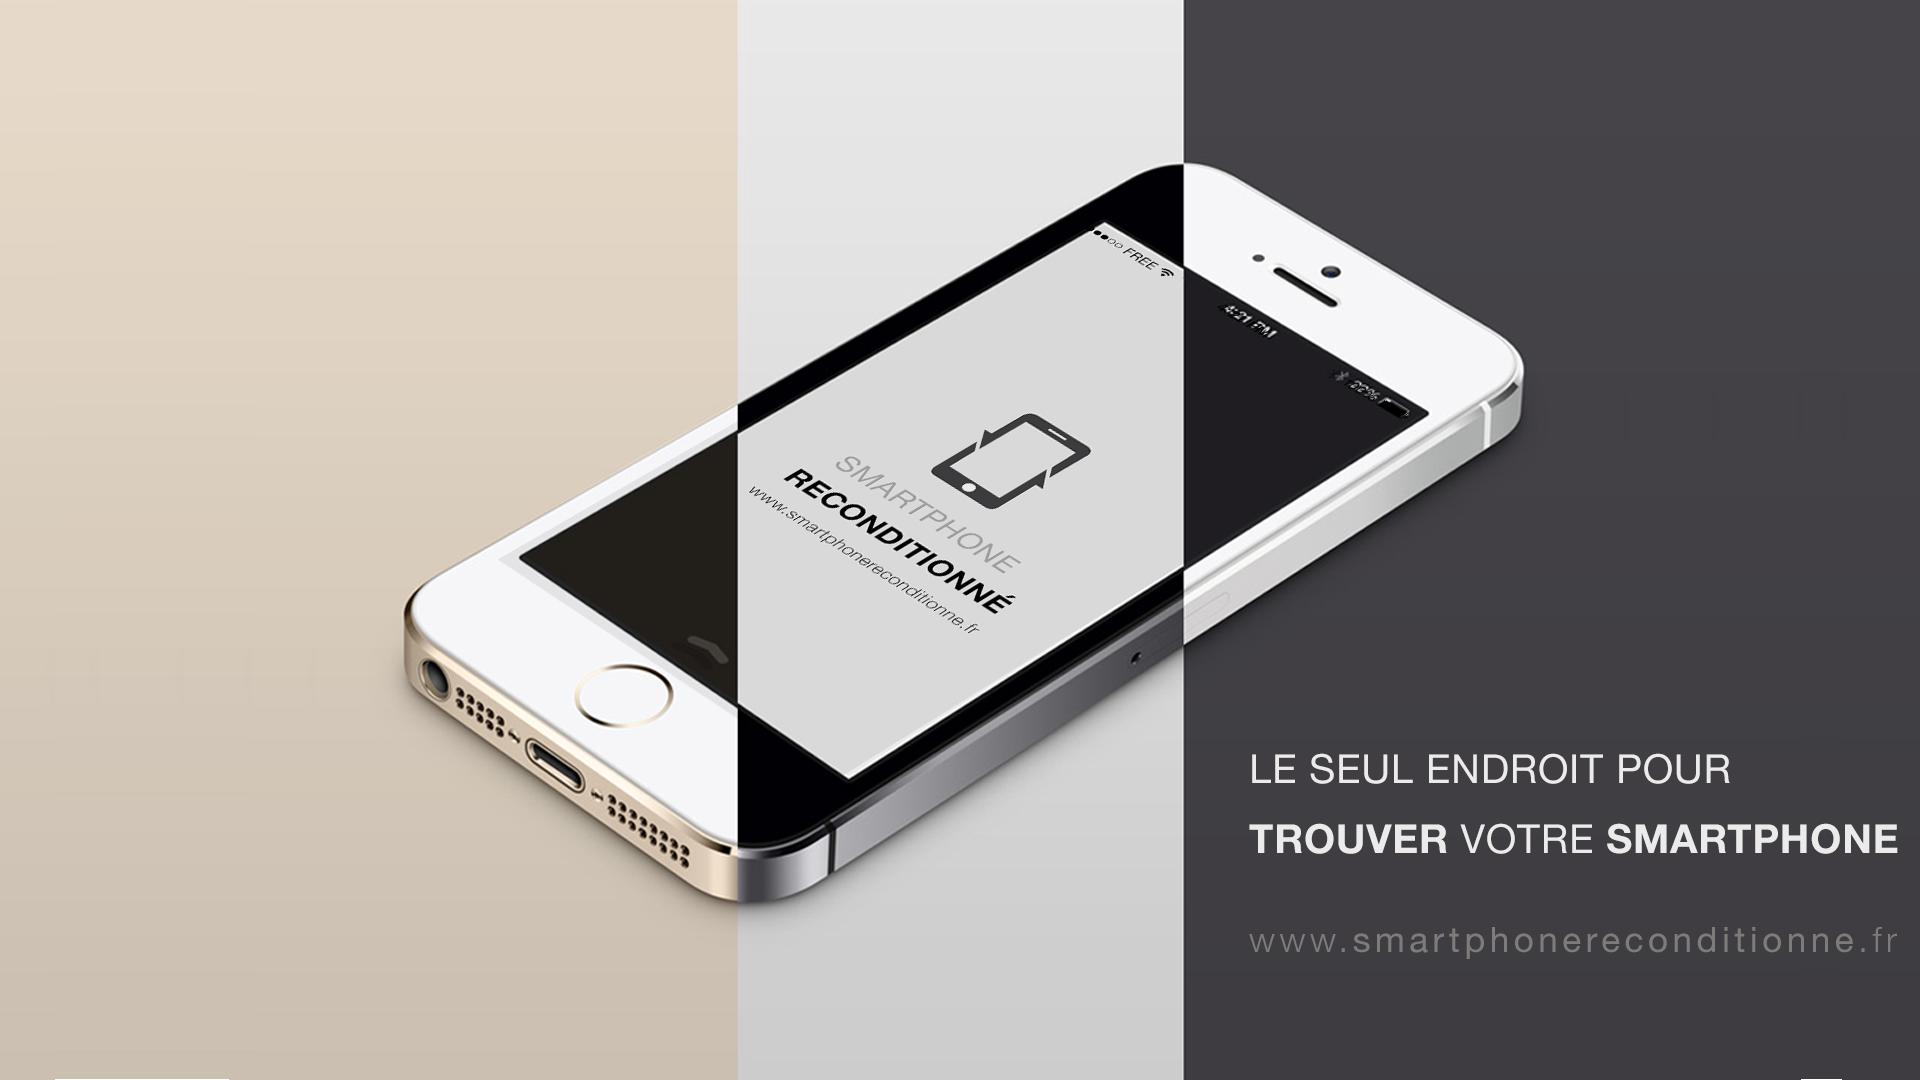 magasin-vente-smartphone-conditionne